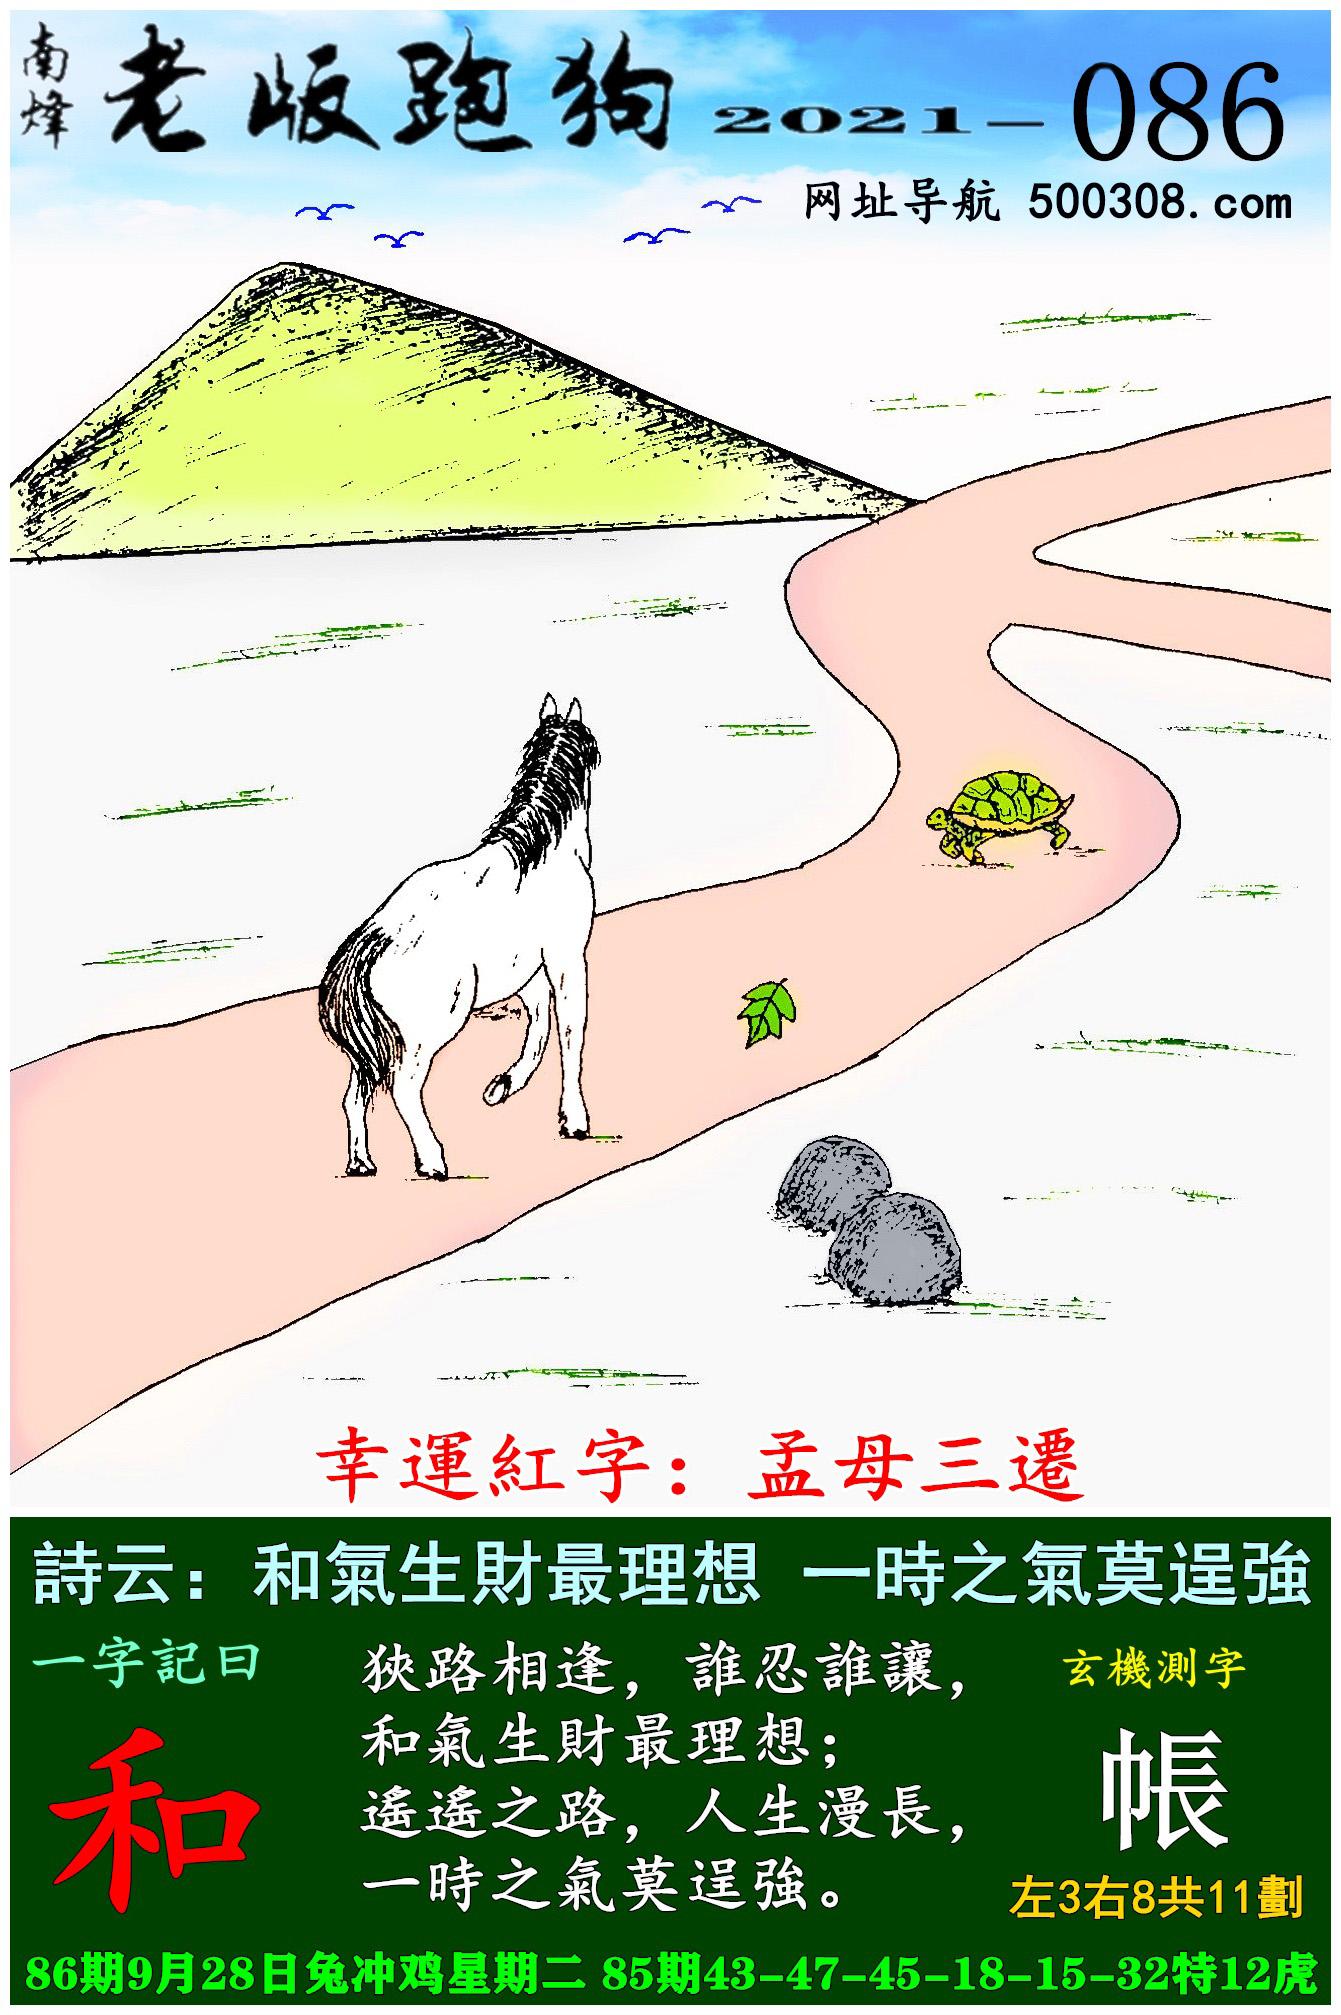 086期老版跑狗一字�之曰:【和】_��:和�馍��最理想,一�r之�饽�逞��。